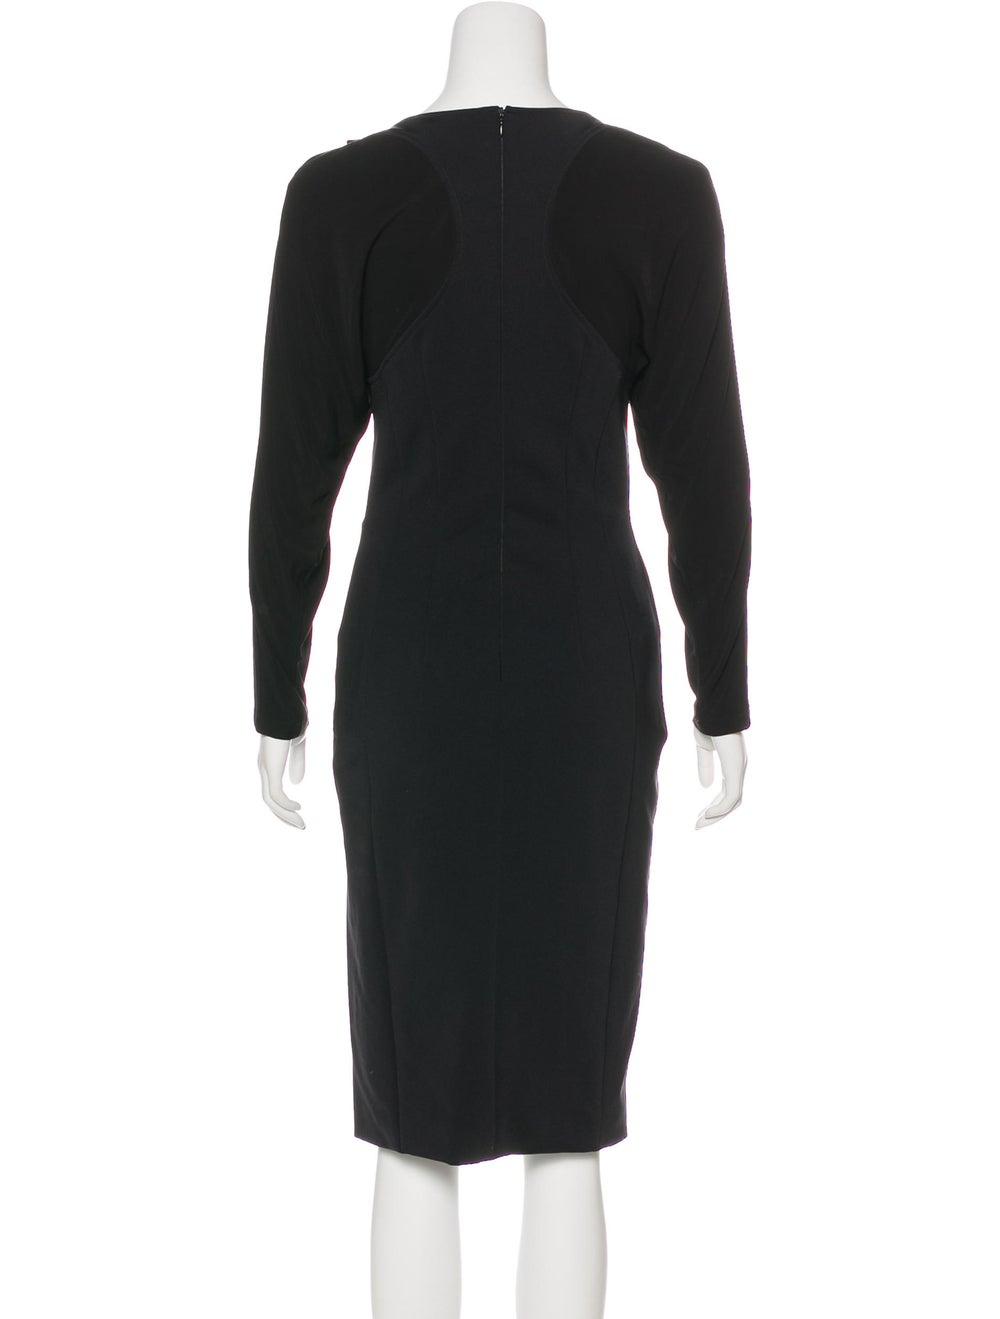 Altuzarra Embellished Midi Dress Black - image 3